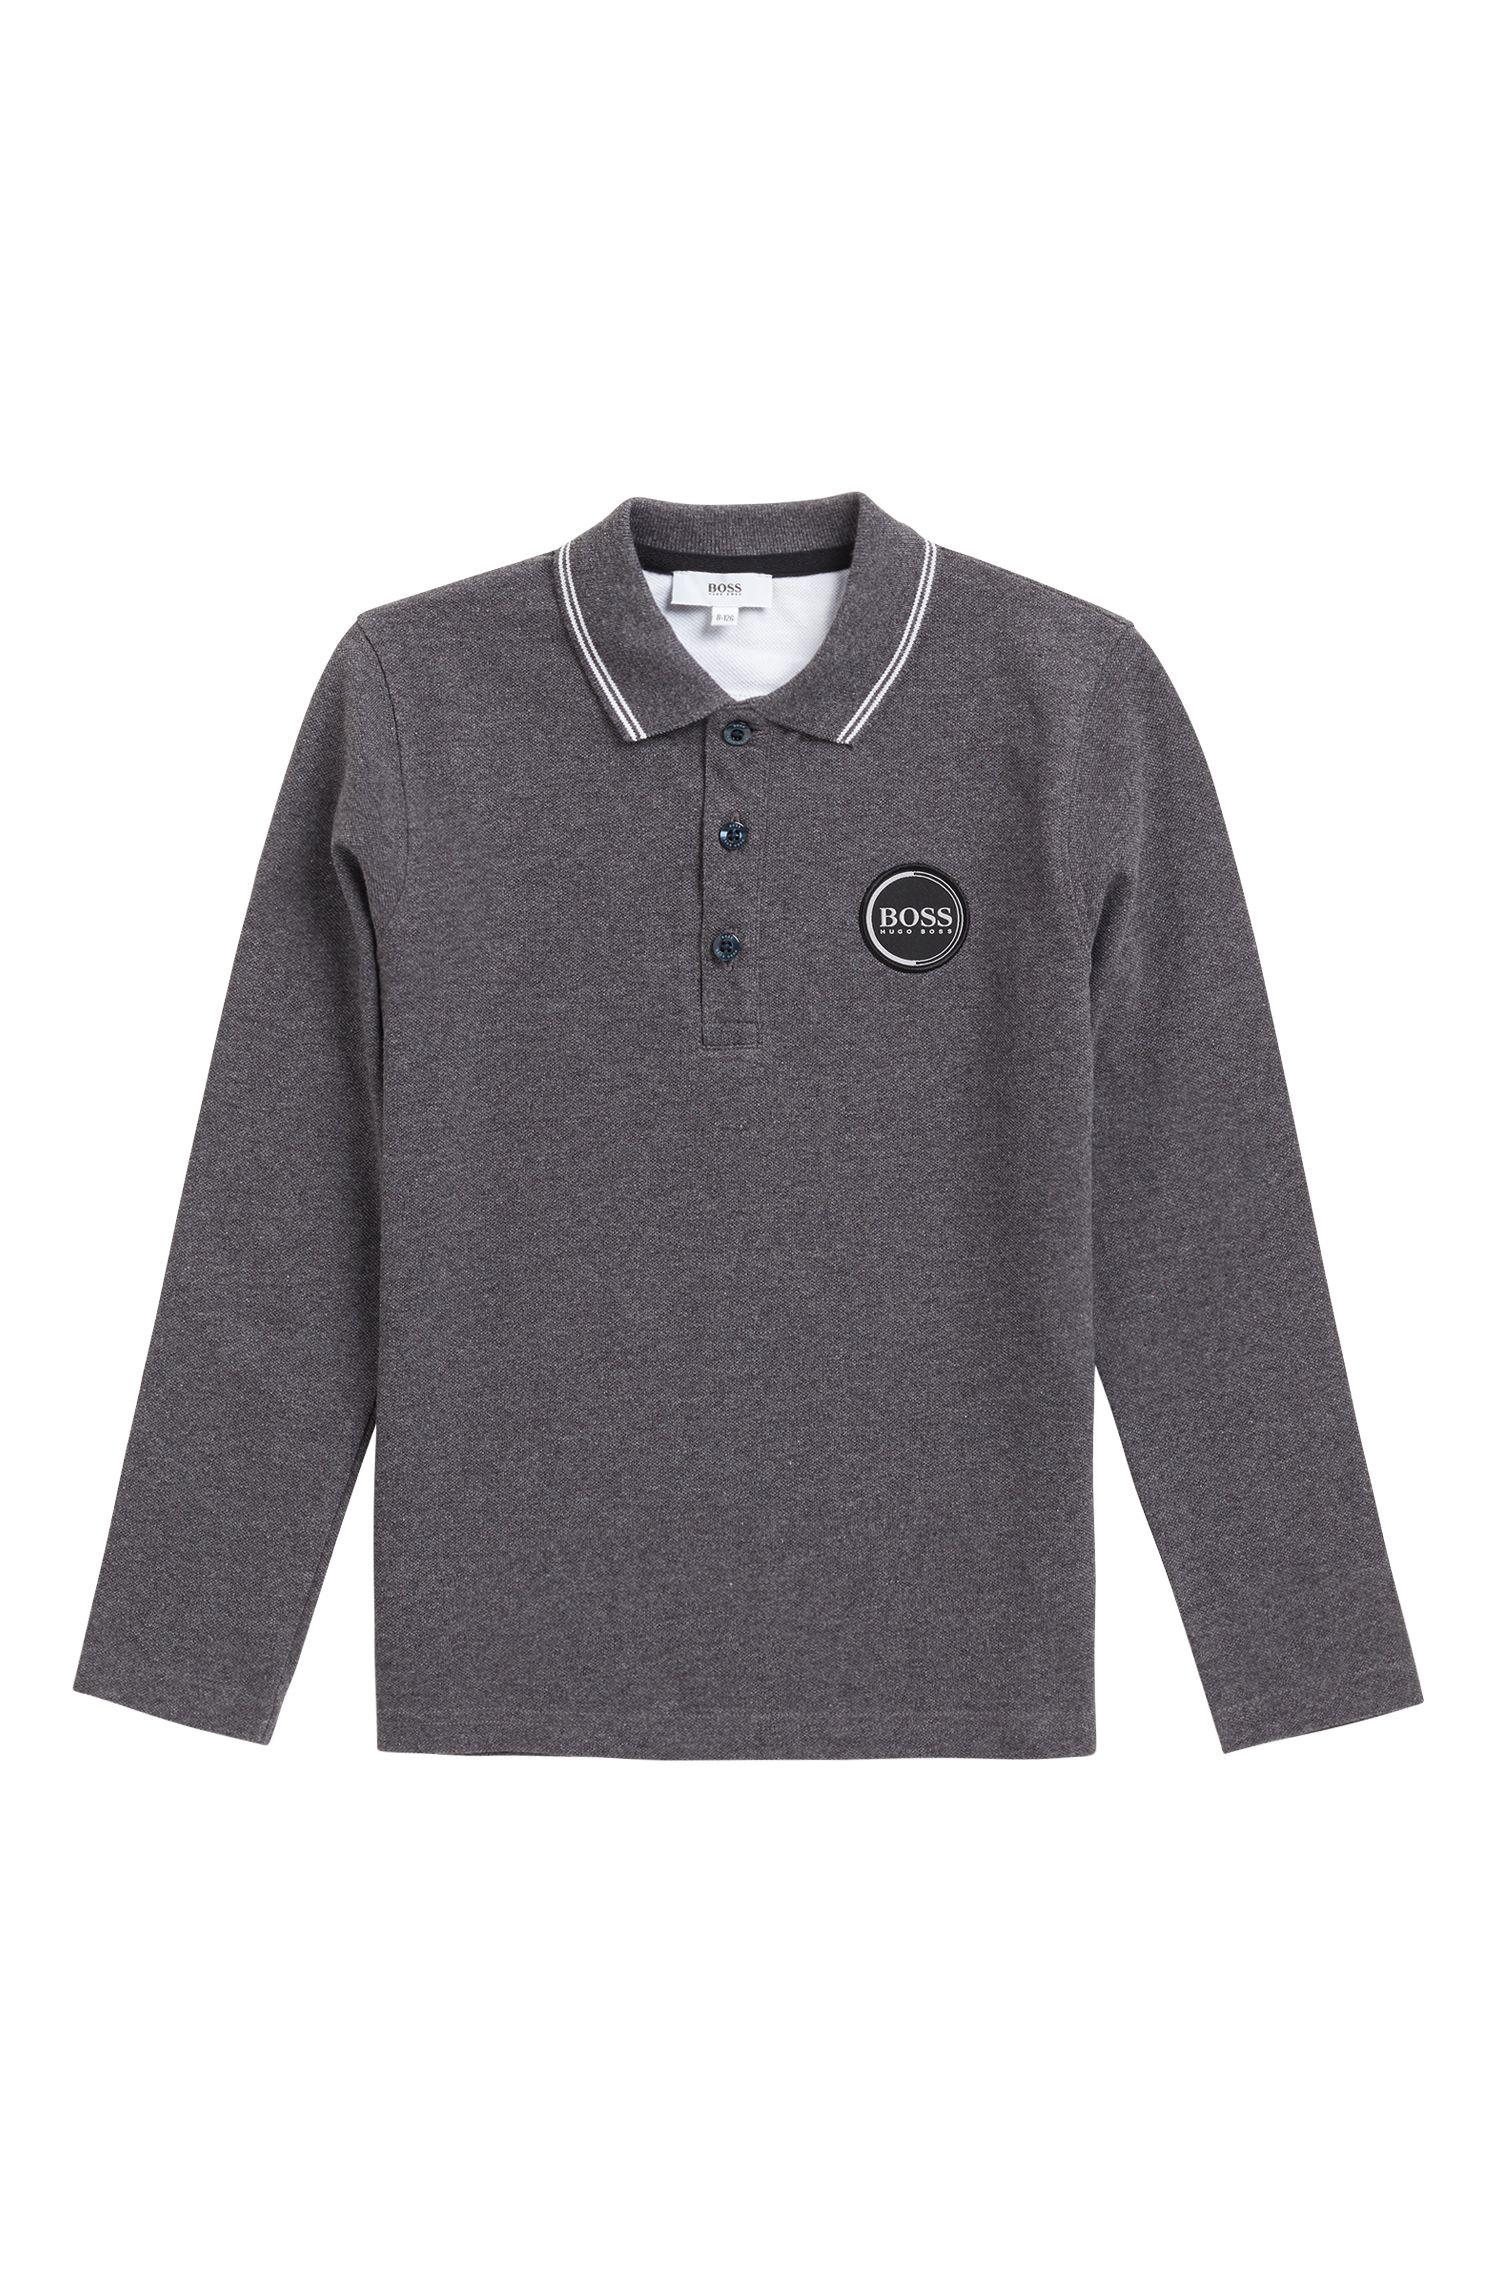 Kids-Poloshirt aus Baumwoll-Piqué mit Logo-Print hinten, Anthrazit